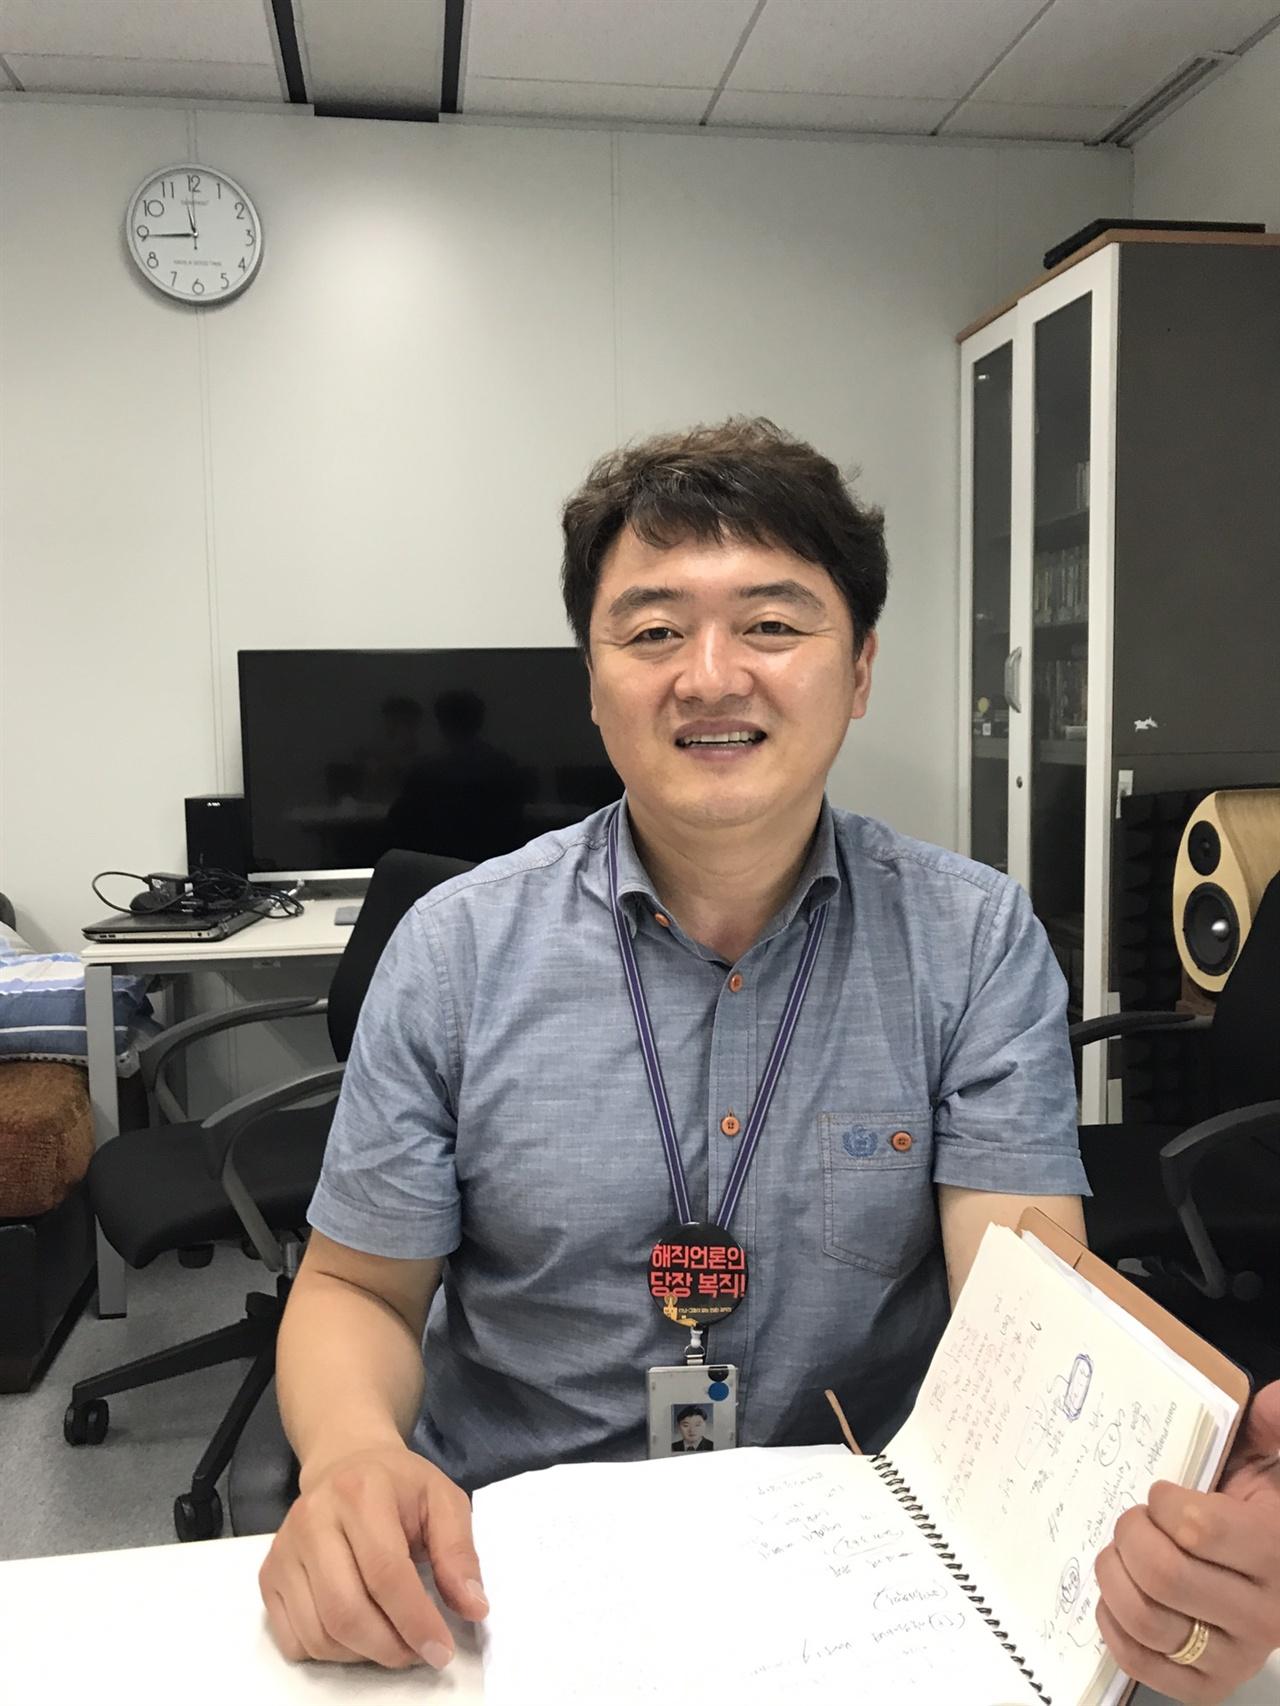 박진수 언론노조 YTN 위원장